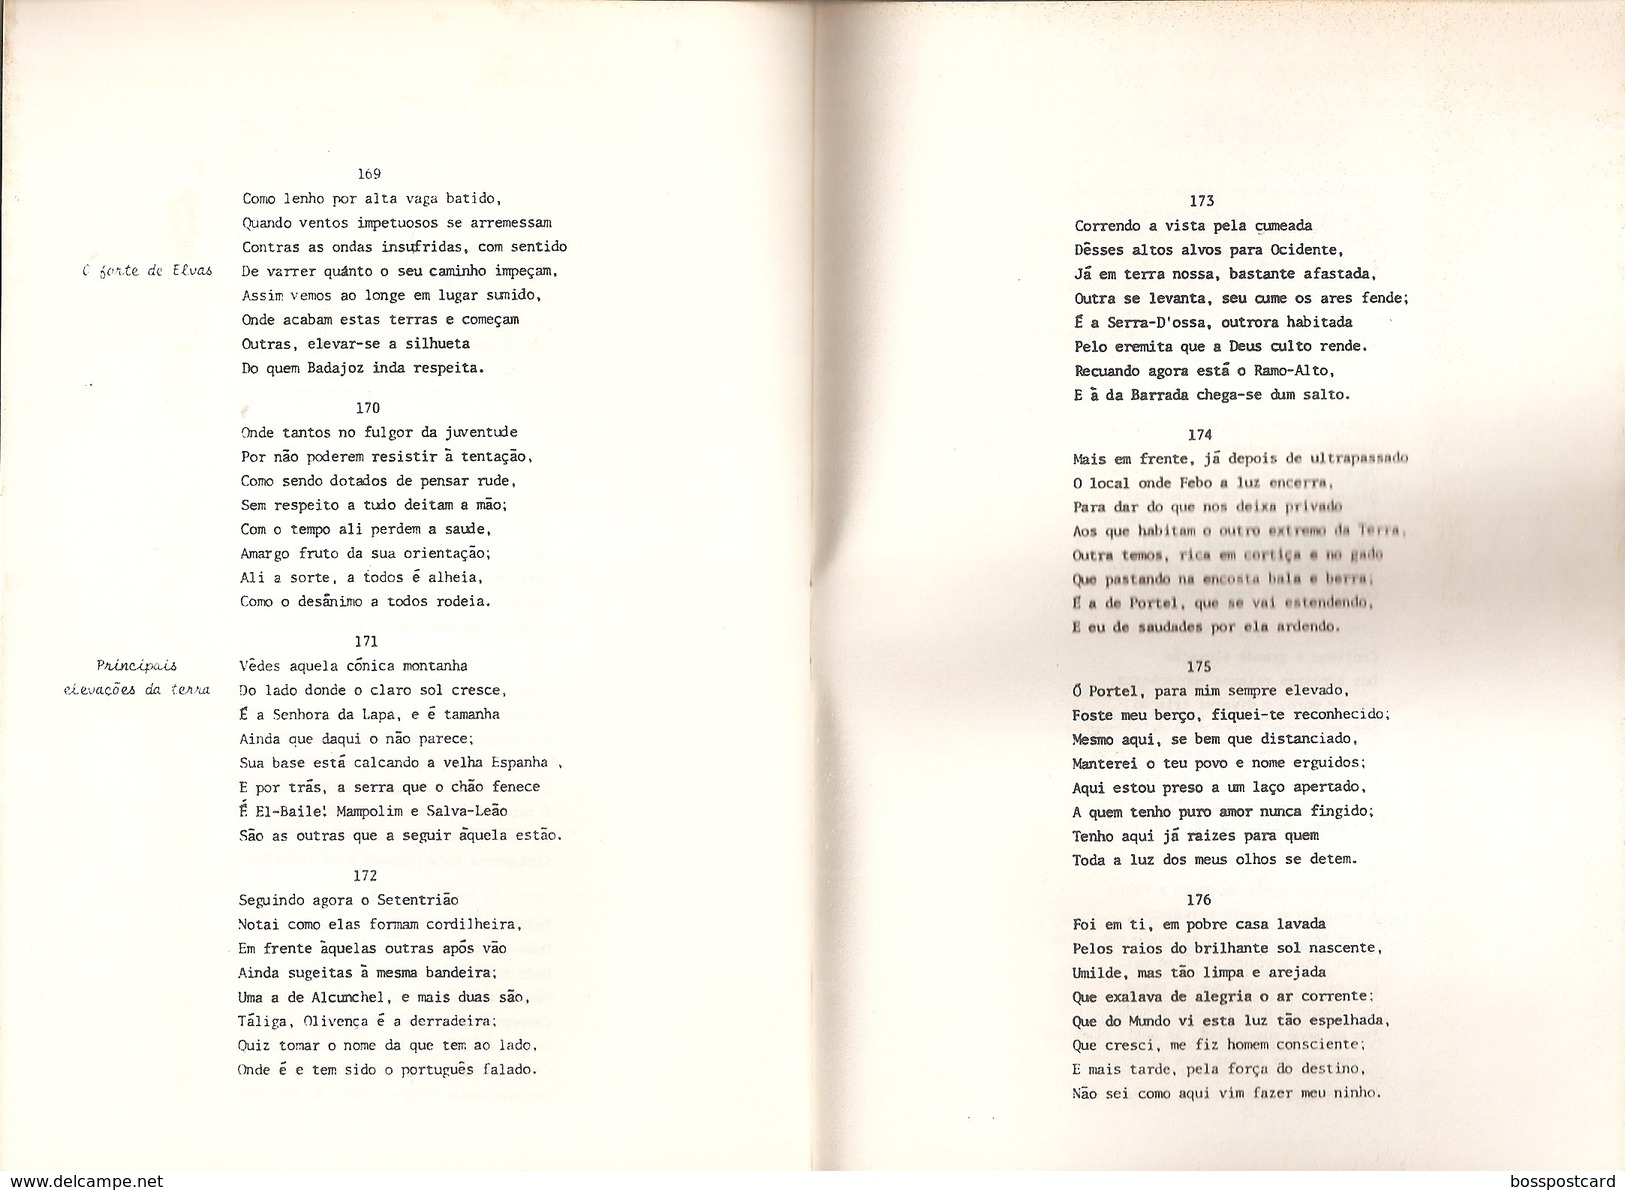 Monsaraz - O Cicerone - Altino José Baião. Évora. - Poetry